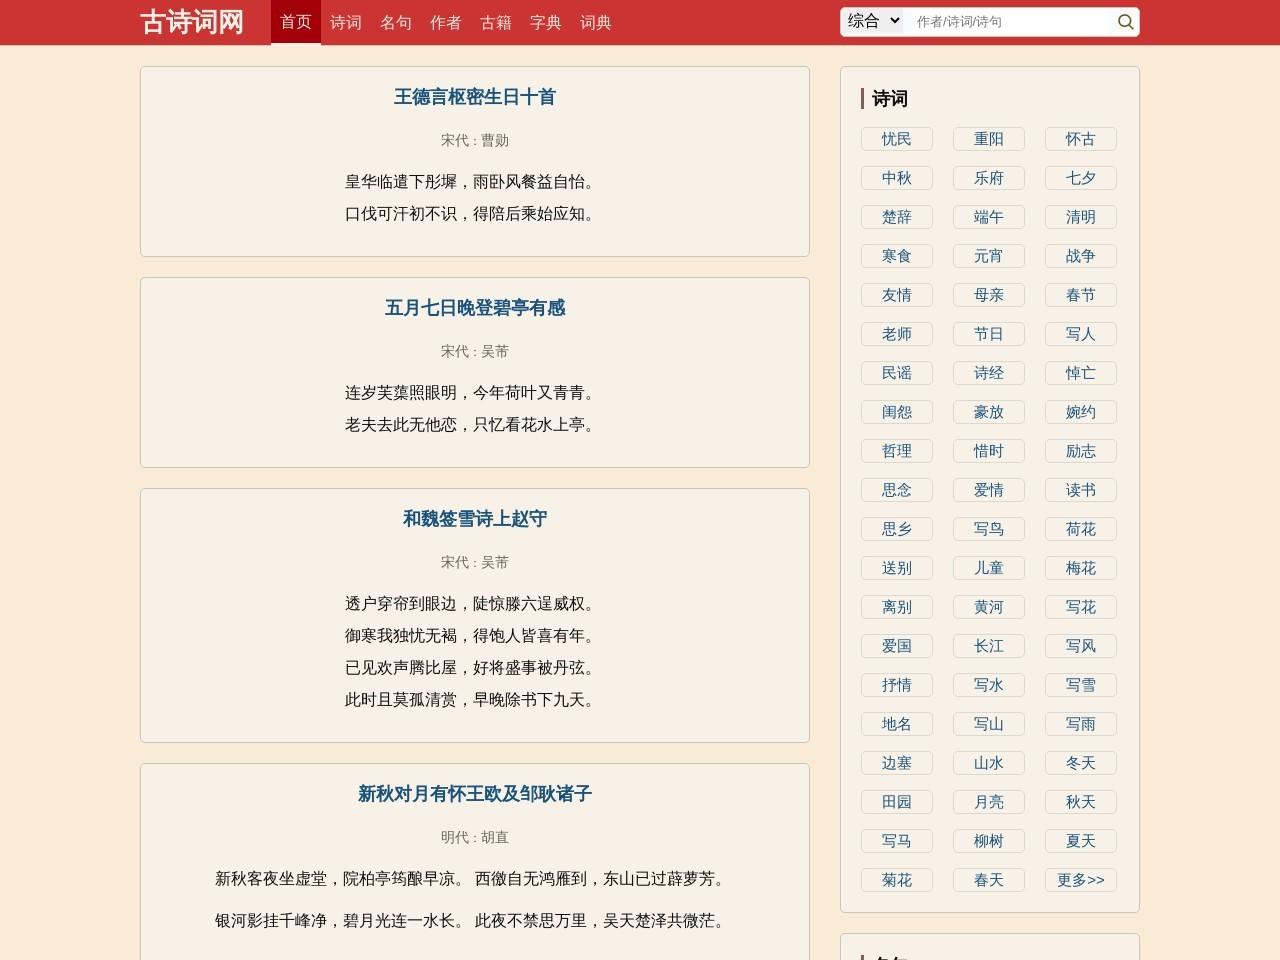 中国最美古诗词网 - 美得令人窒息的唐诗截图